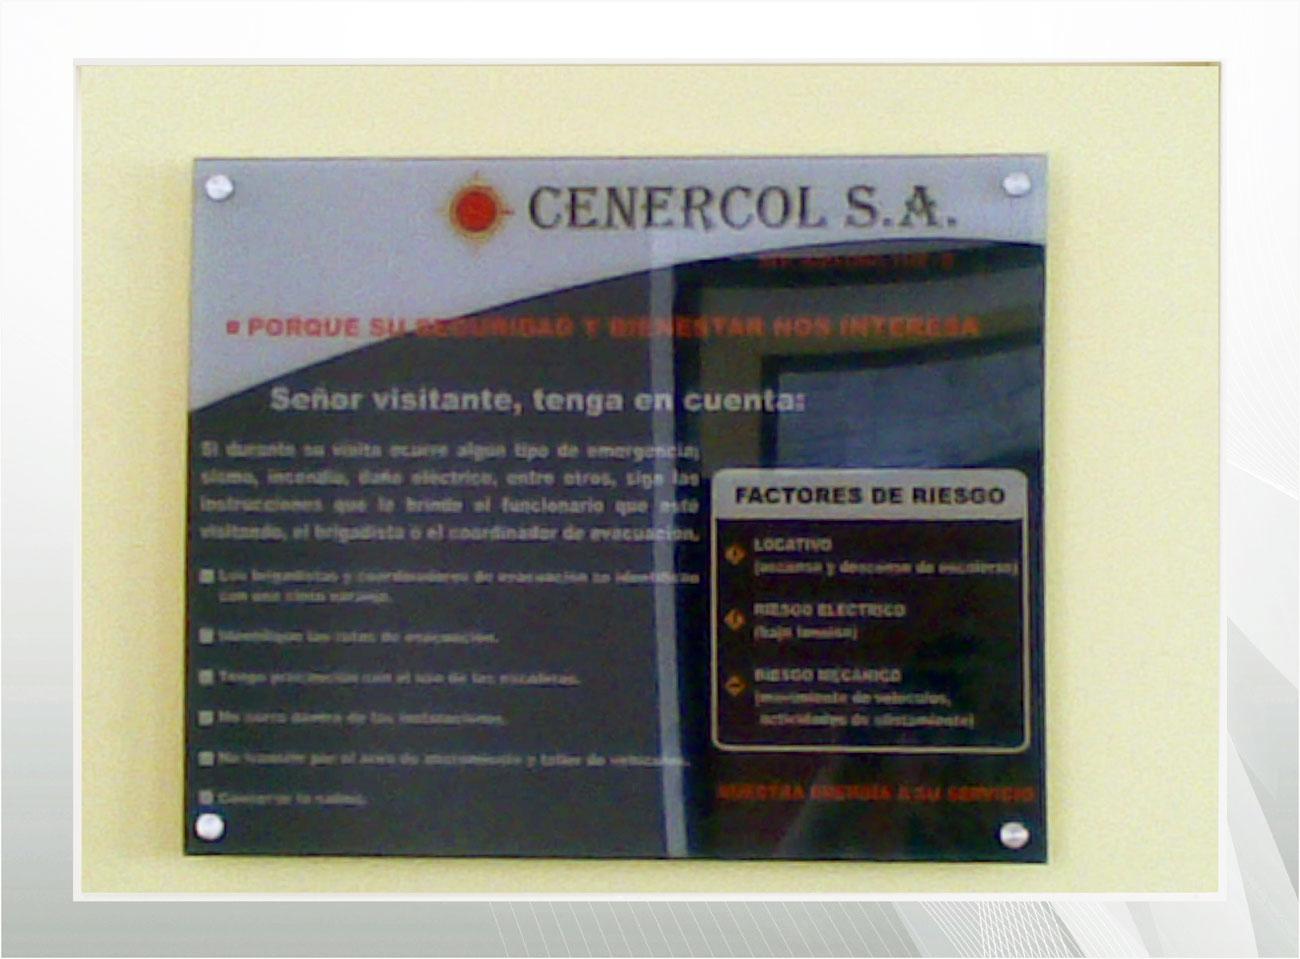 pantalla_acrílico_impresión_digital_al_espejo_ggcm